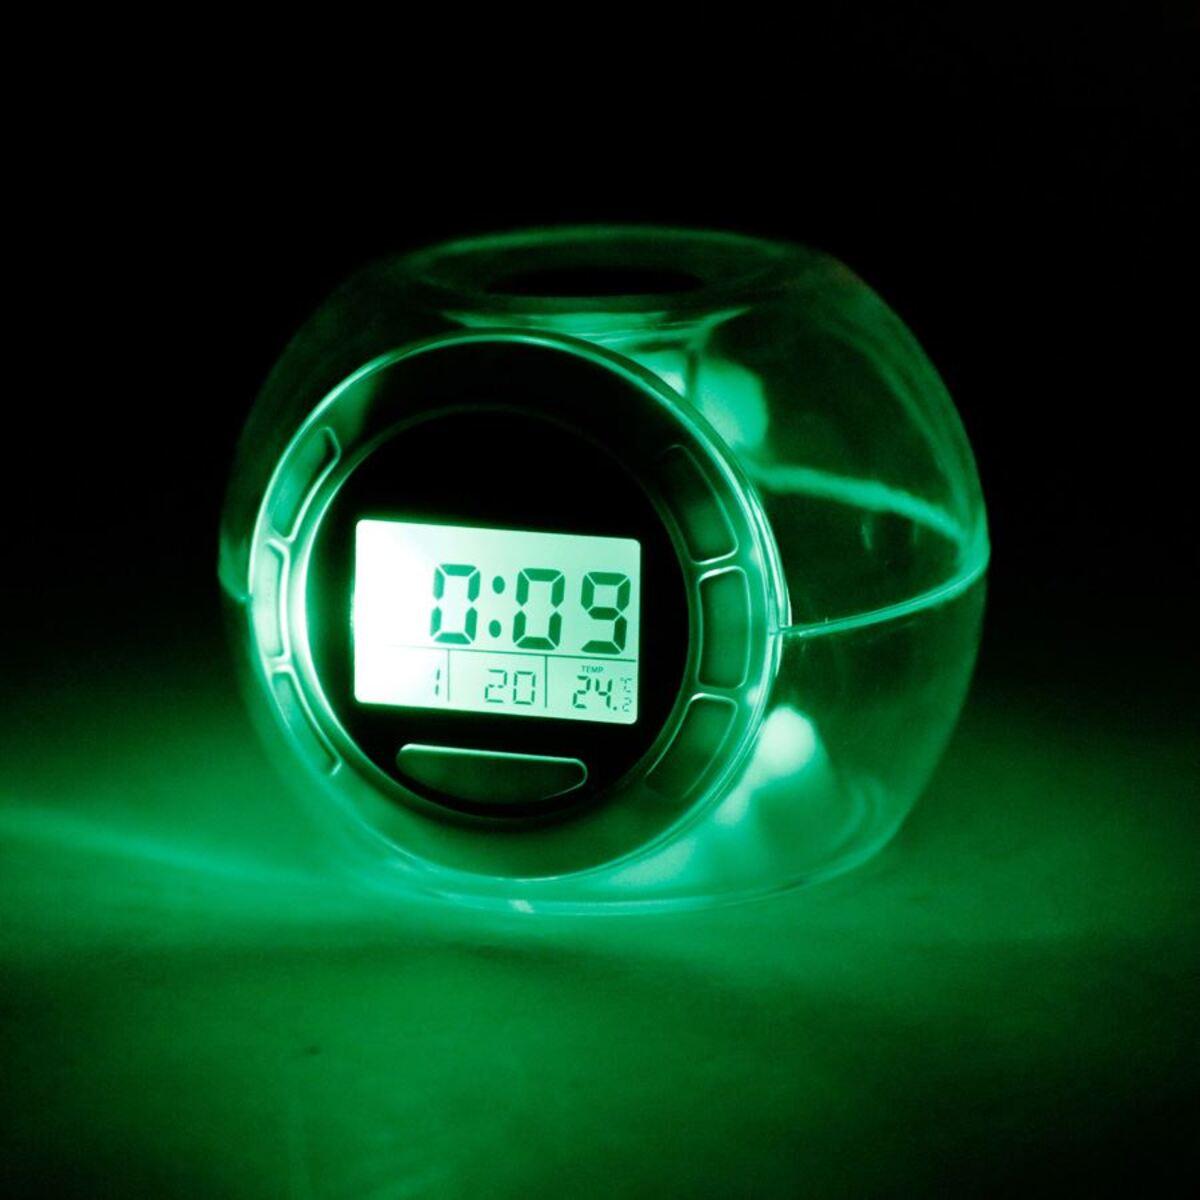 Bild 5 von Grundig LED-Kalenderuhr mit Weckerfunktion und Thermometer